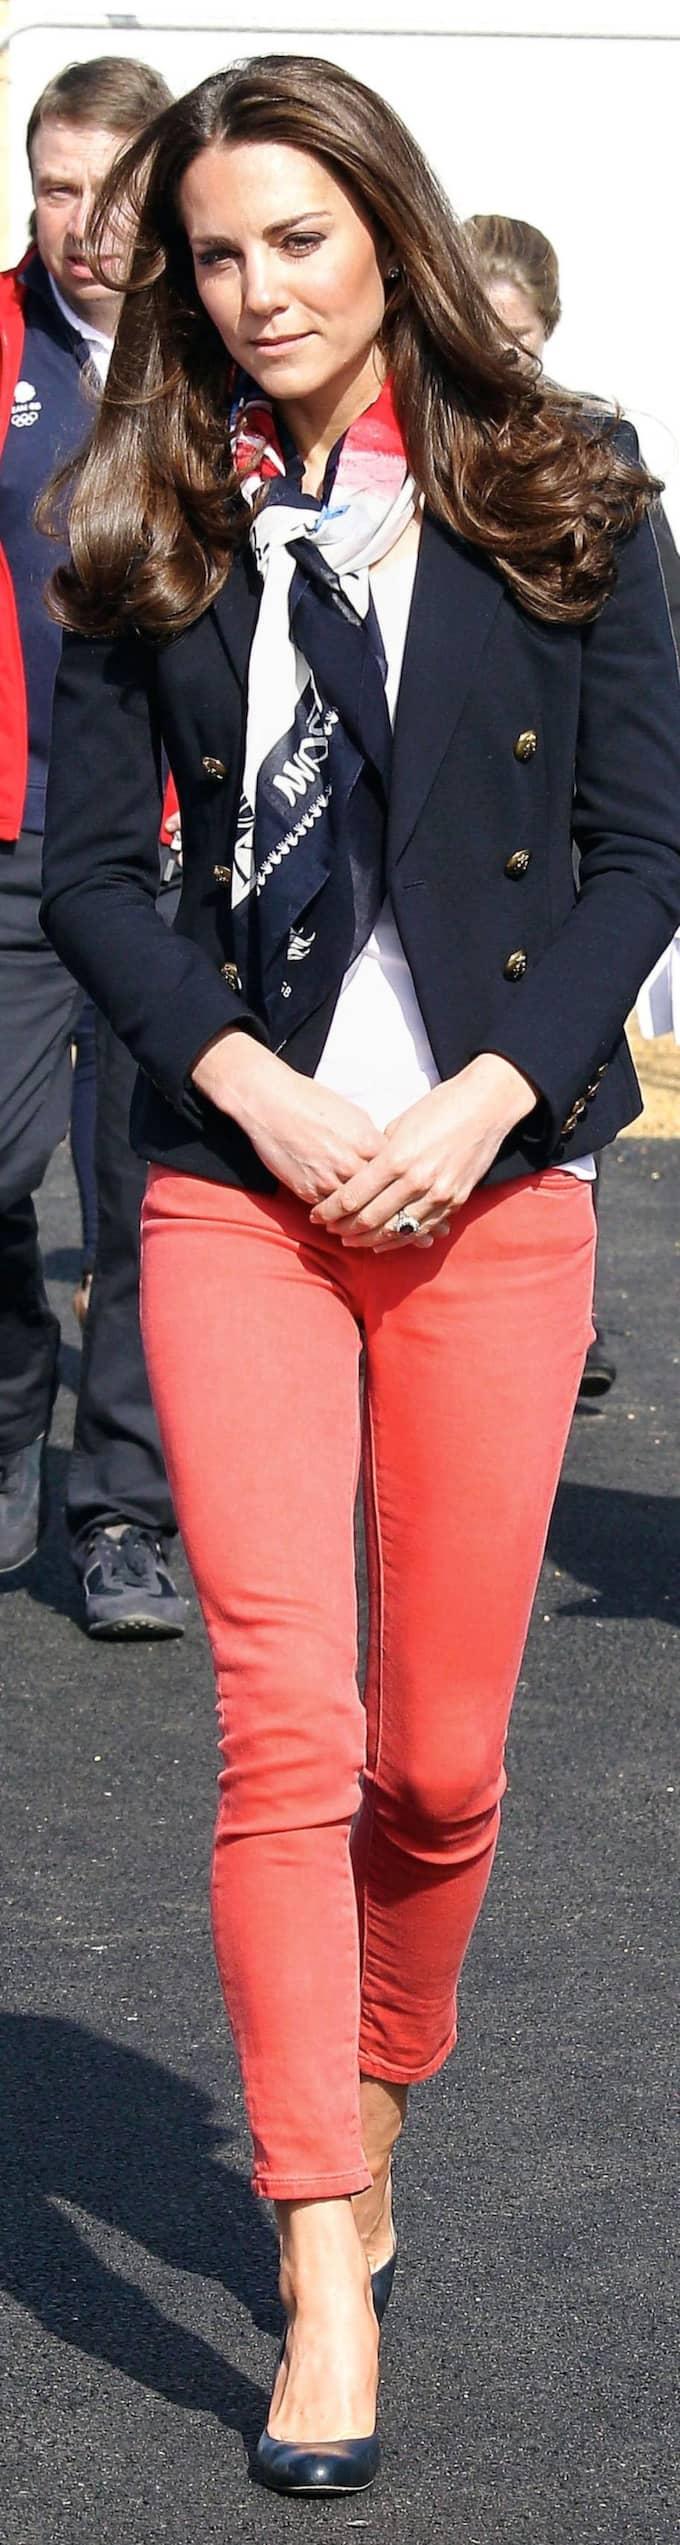 KATE MIDDLETON Sportigt snyggt. Prins Williams hustru Kate Middleton, 30, var chic i skarf när hon träffade hockeylaget GB i London. Prinsgemålen verkar klä i allt!